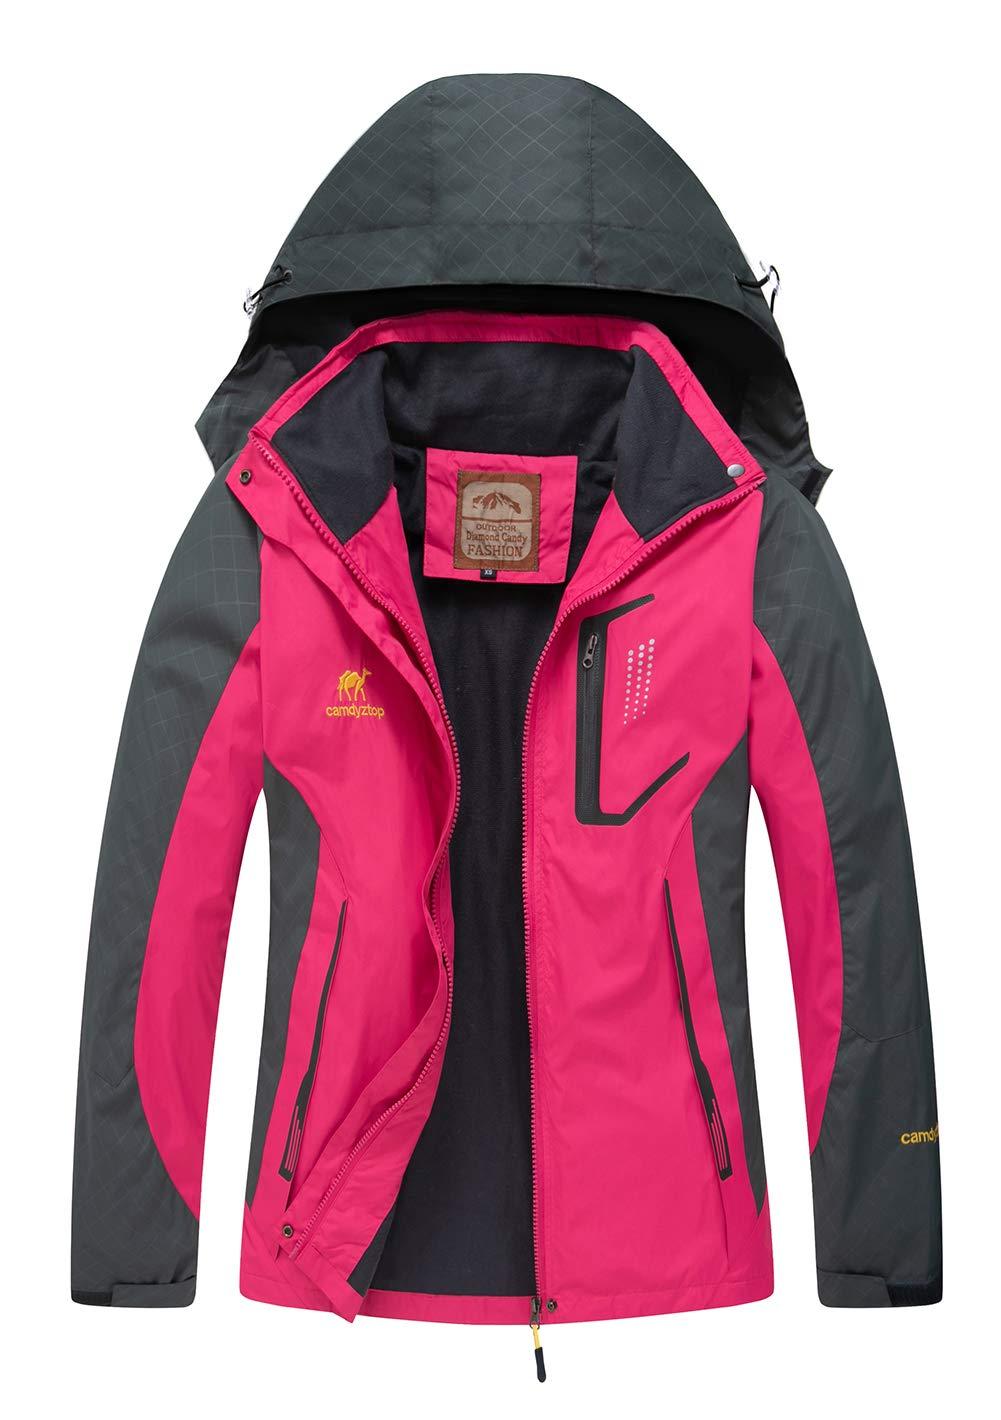 Hot Pink Diamond Candy Hooded Waterproof Jacket Softshell Women Sportswear